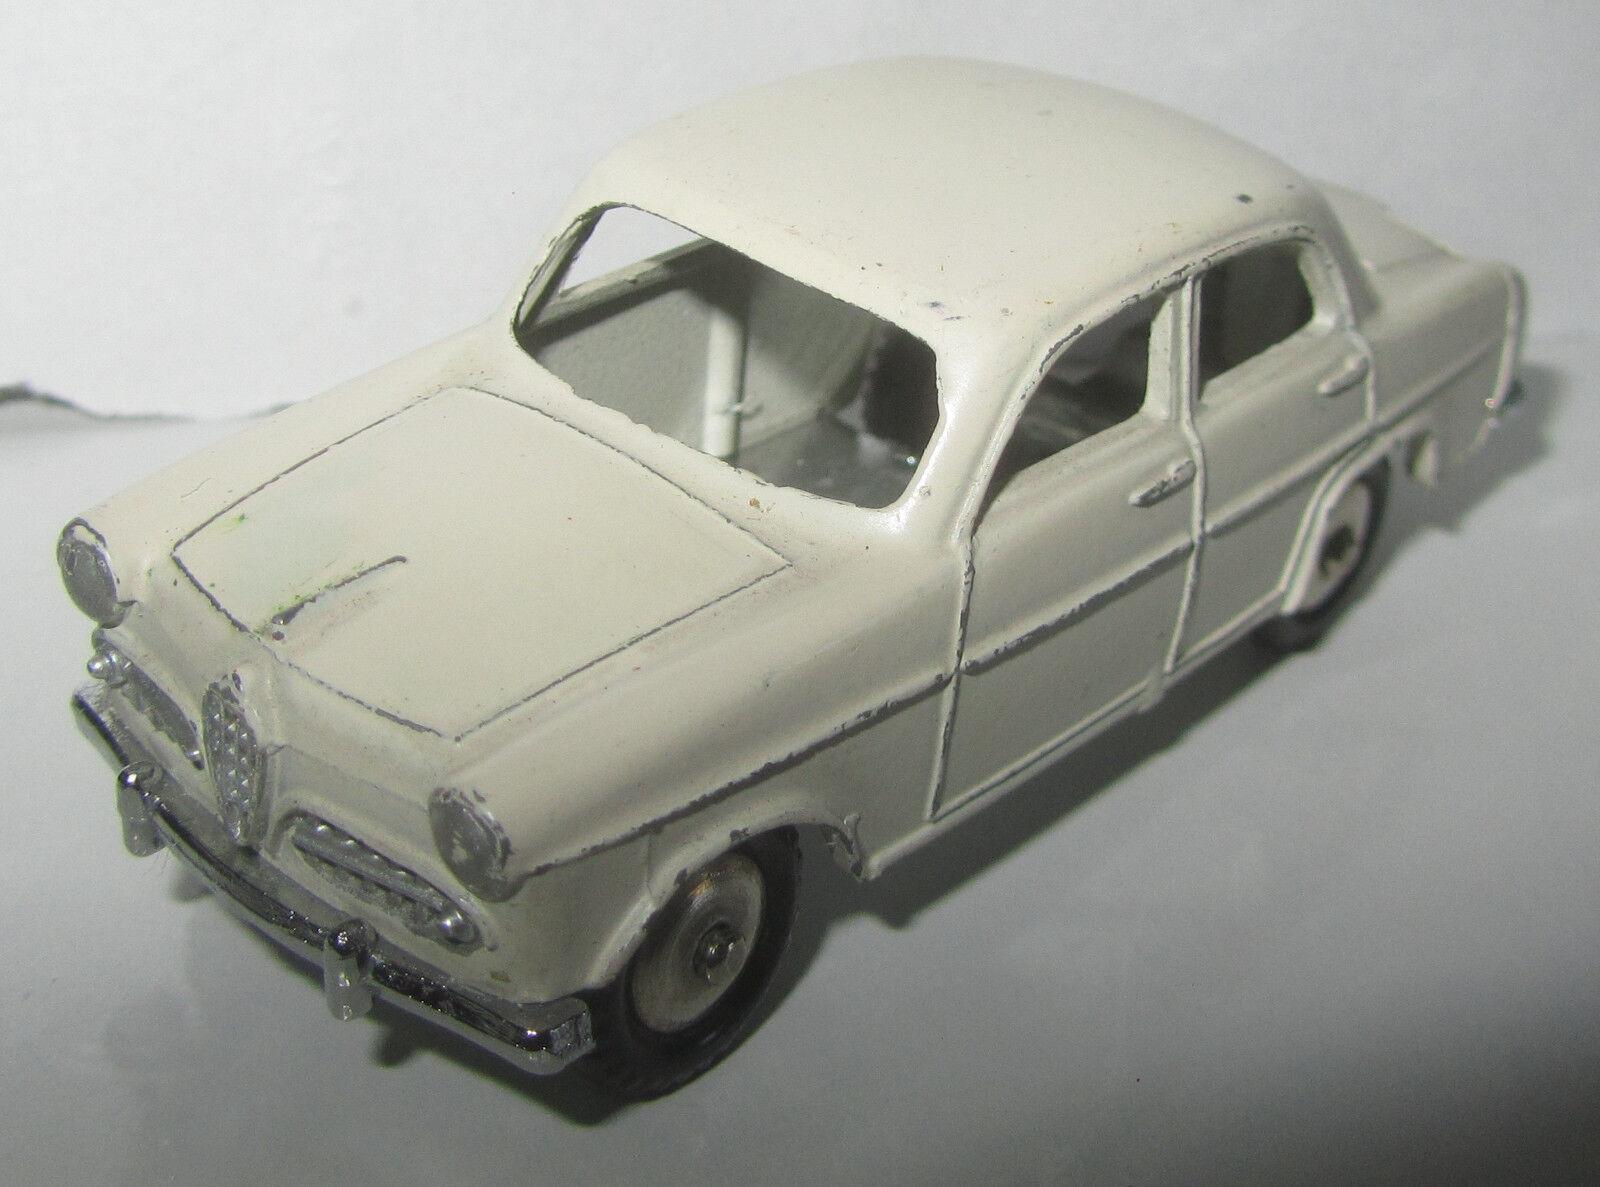 costo real Modellino MERCURY  17 (1956) - ALFA ALFA ALFA ROMEO GIULIETTA BERLINA - BEIGE Spese Gratis  precios bajos todos los dias